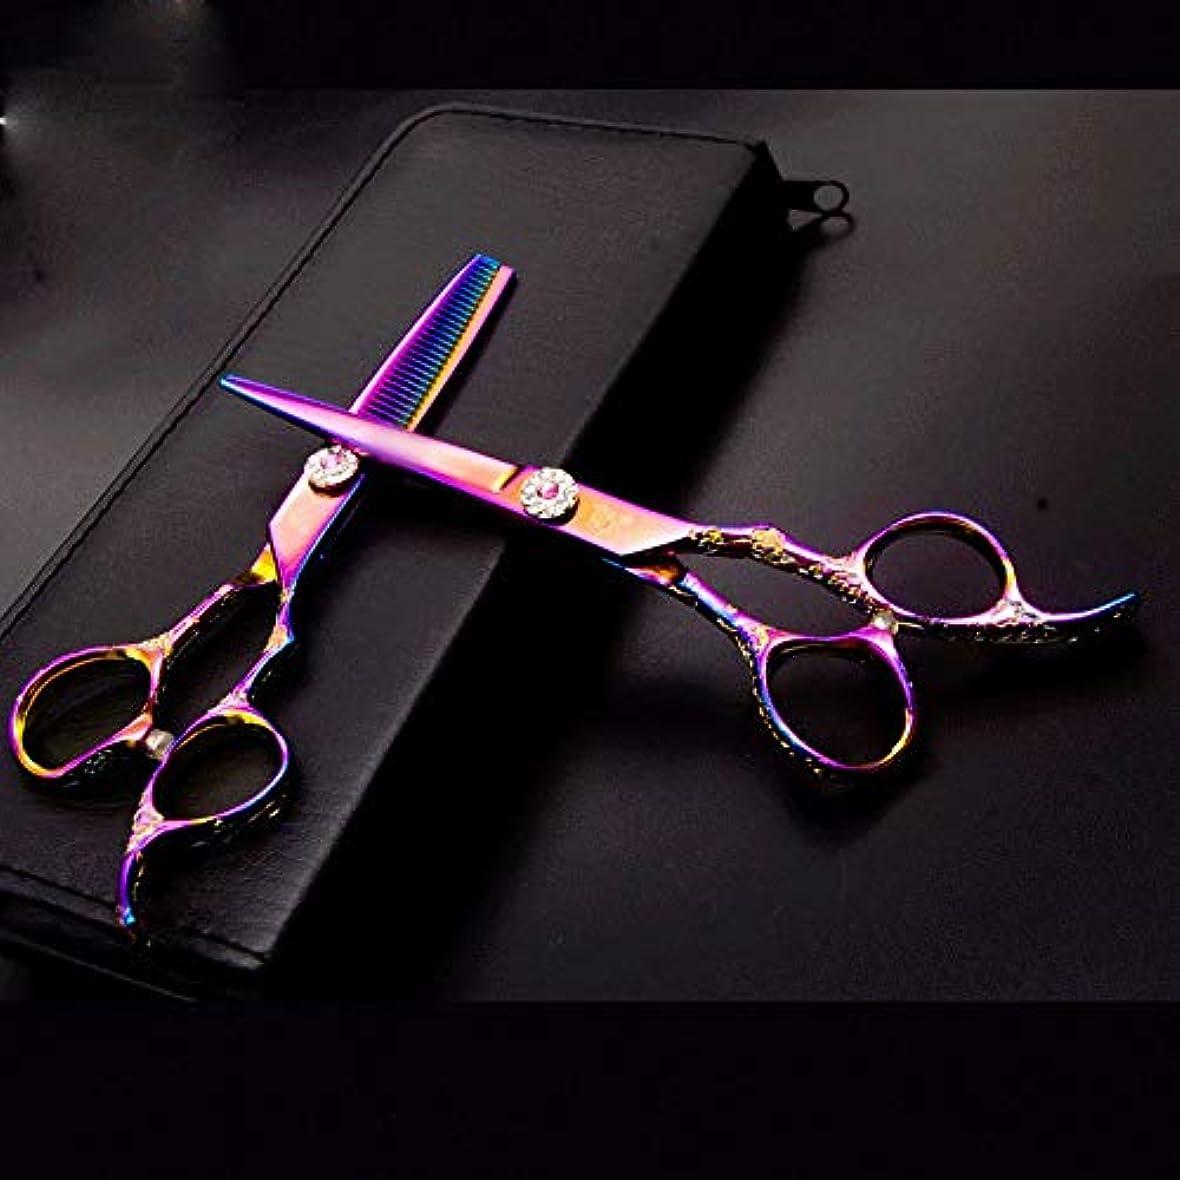 言及するマーク魔術師Goodsok-jp 6インチの美容院プロ散髪フラット歯はさみセット、カラフルな刻まれた散髪ツール (色 : Colors)